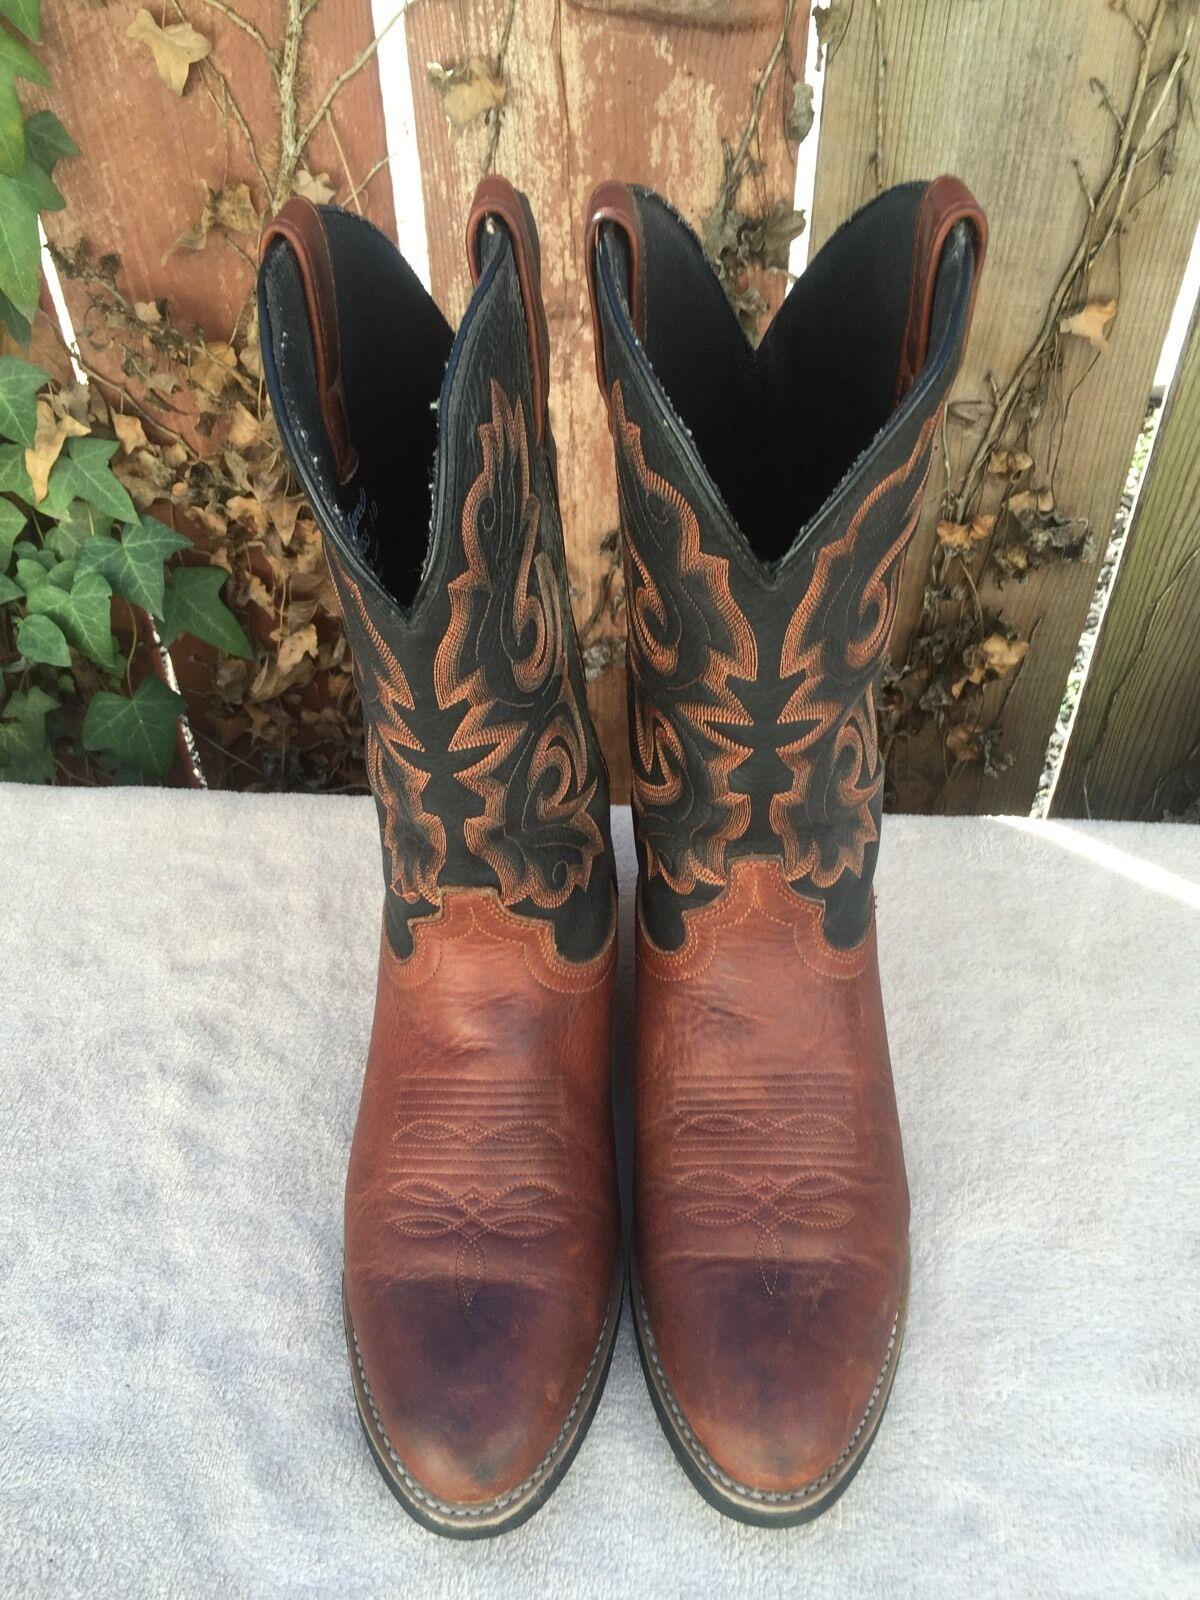 Larojoo botas de Vaquero Marrón Cuero Occidental botas PA6655 para hombres D